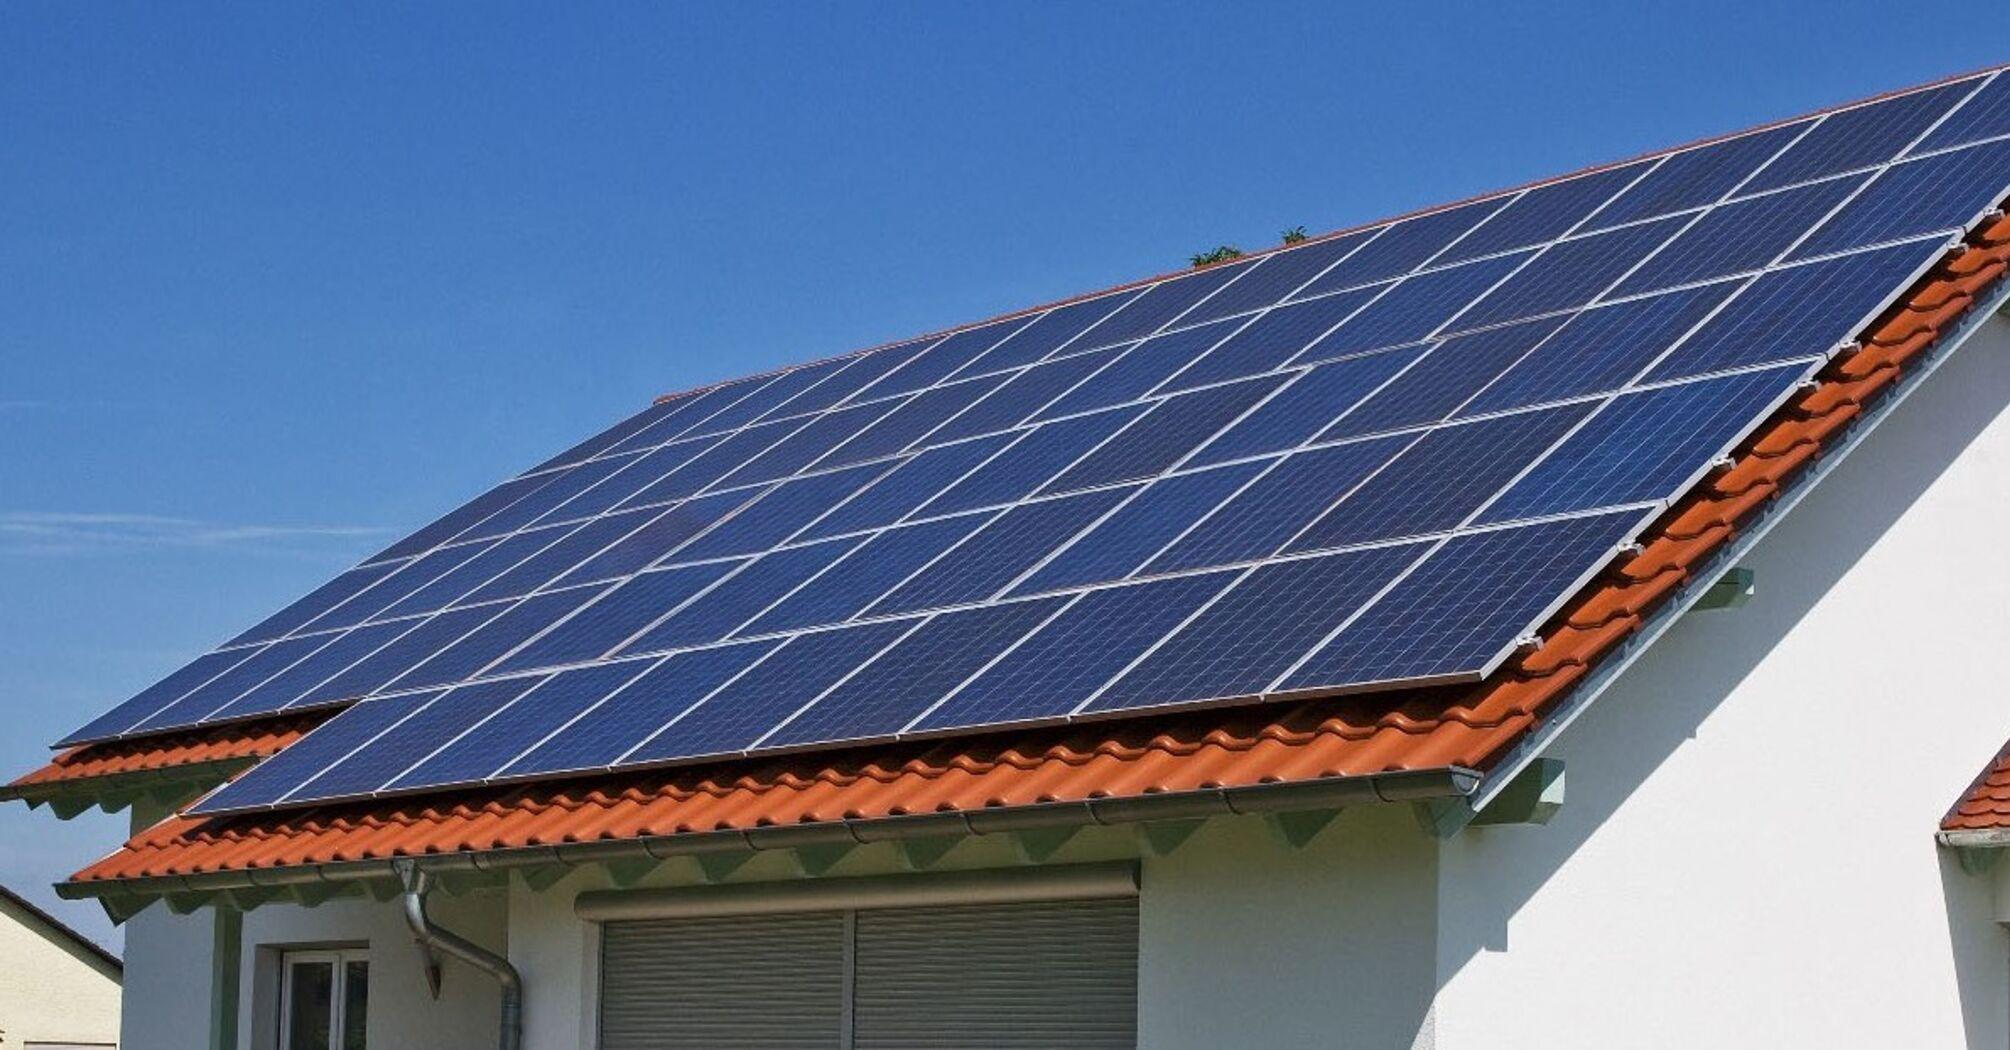 22 тисячі домогосподарств встановили сонячні панелі